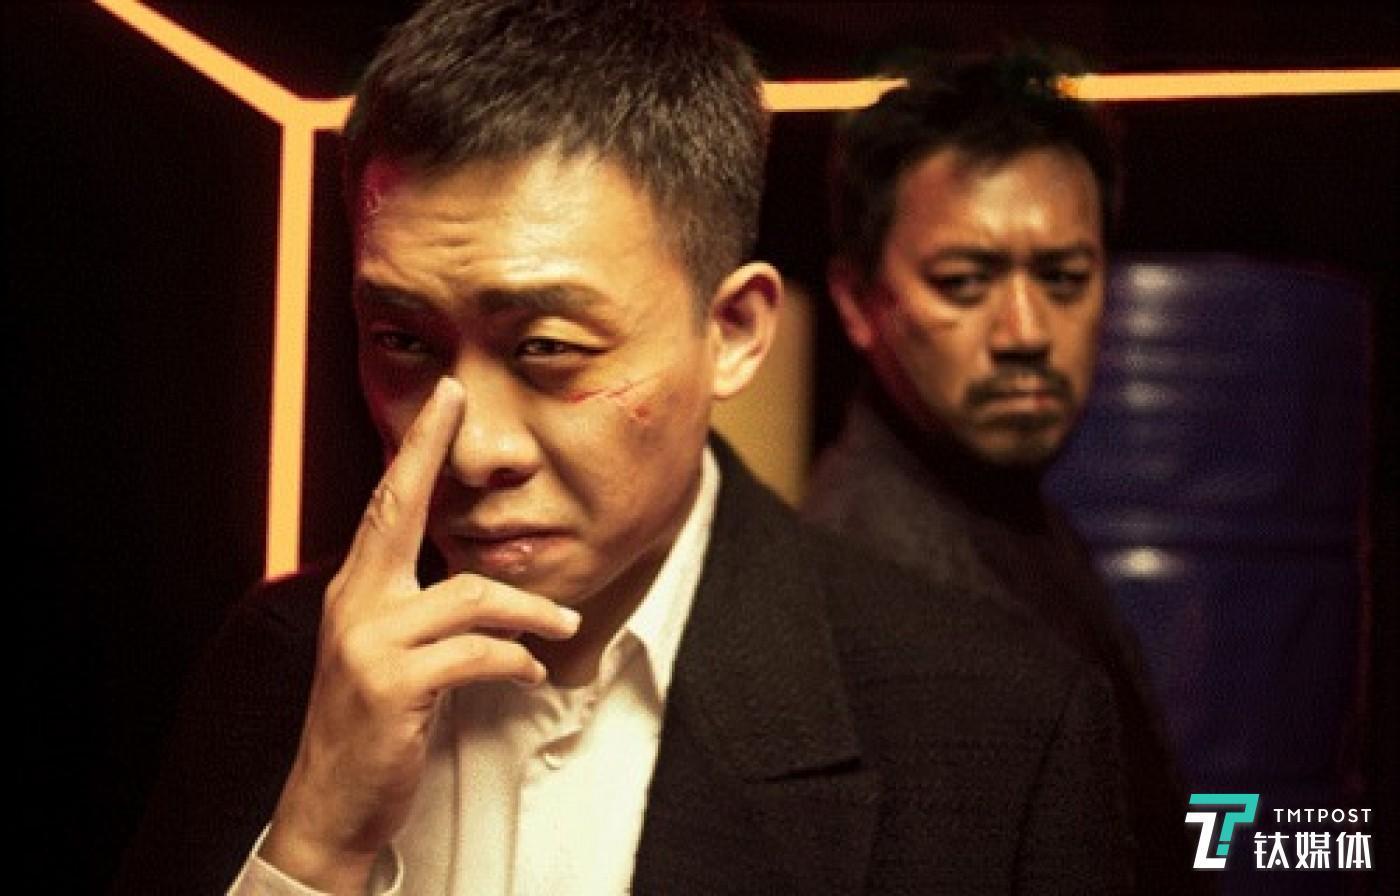 作者杜强的特稿作品《太平洋大逃杀》被乐视影业改编为广播剧,由张译、王学兵参与演出。